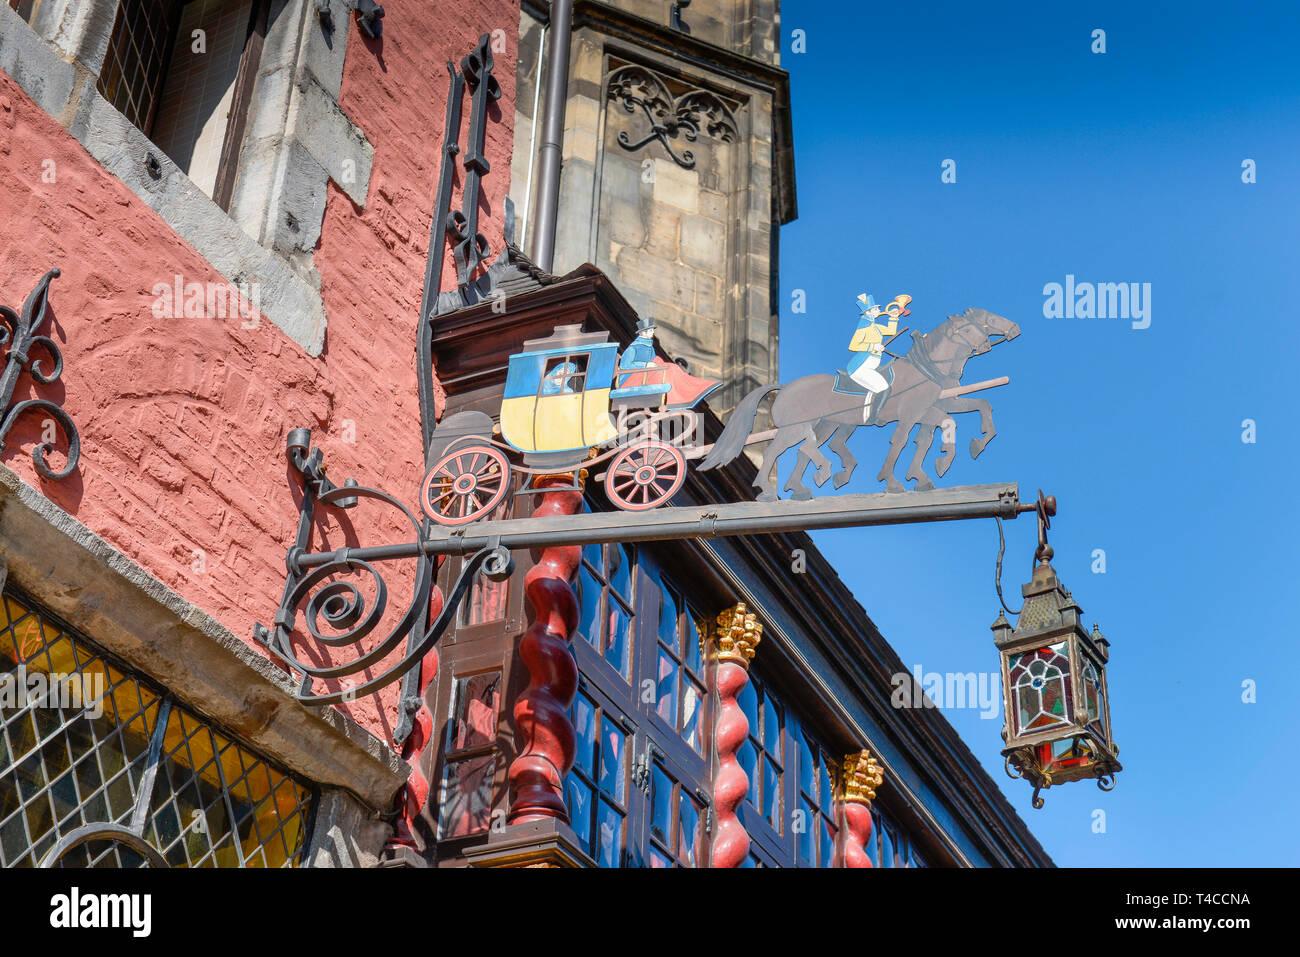 Restaurant Postwagen, Kraemerstrasse, Aachen, Nordrhein-Westfalen, Deutschland, Krämerstrasse - Stock Image